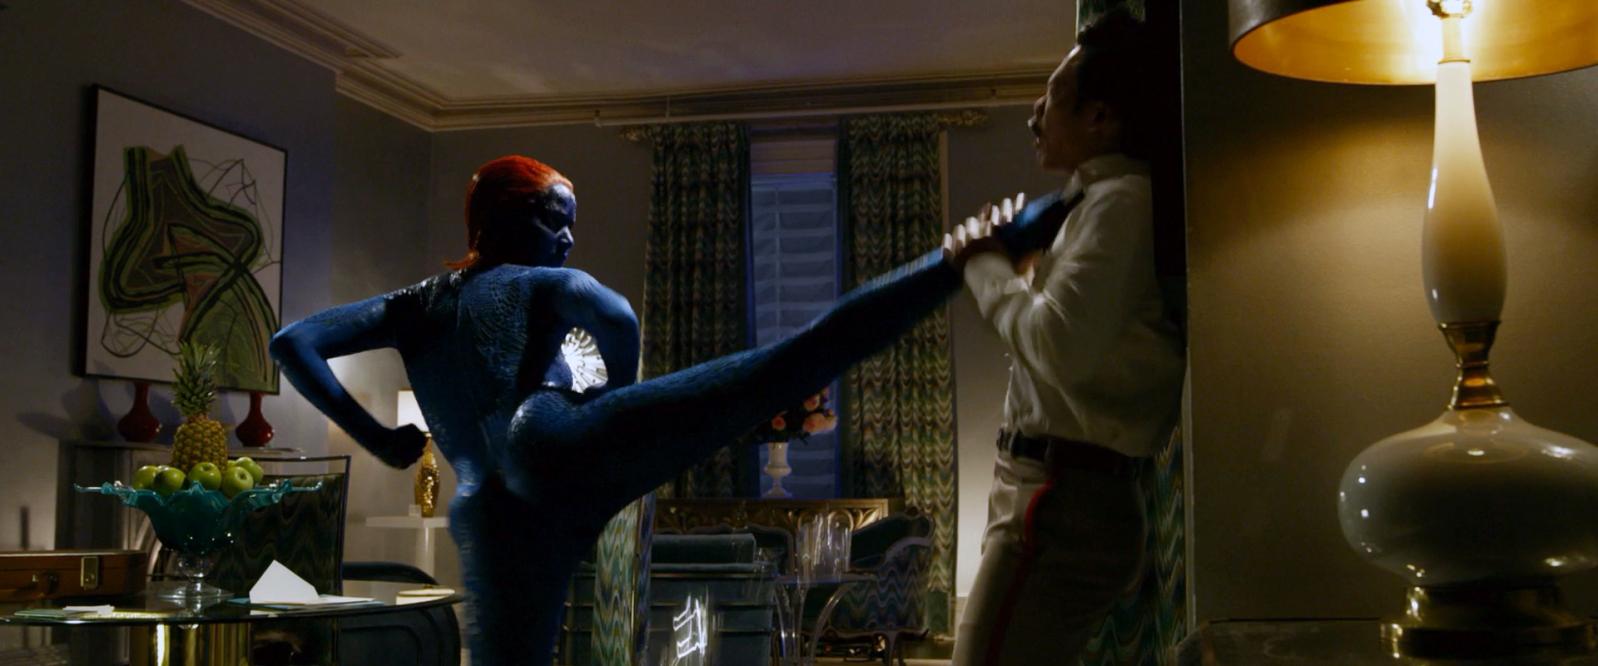 jennifer-lawrence-naked-blue-body-suit